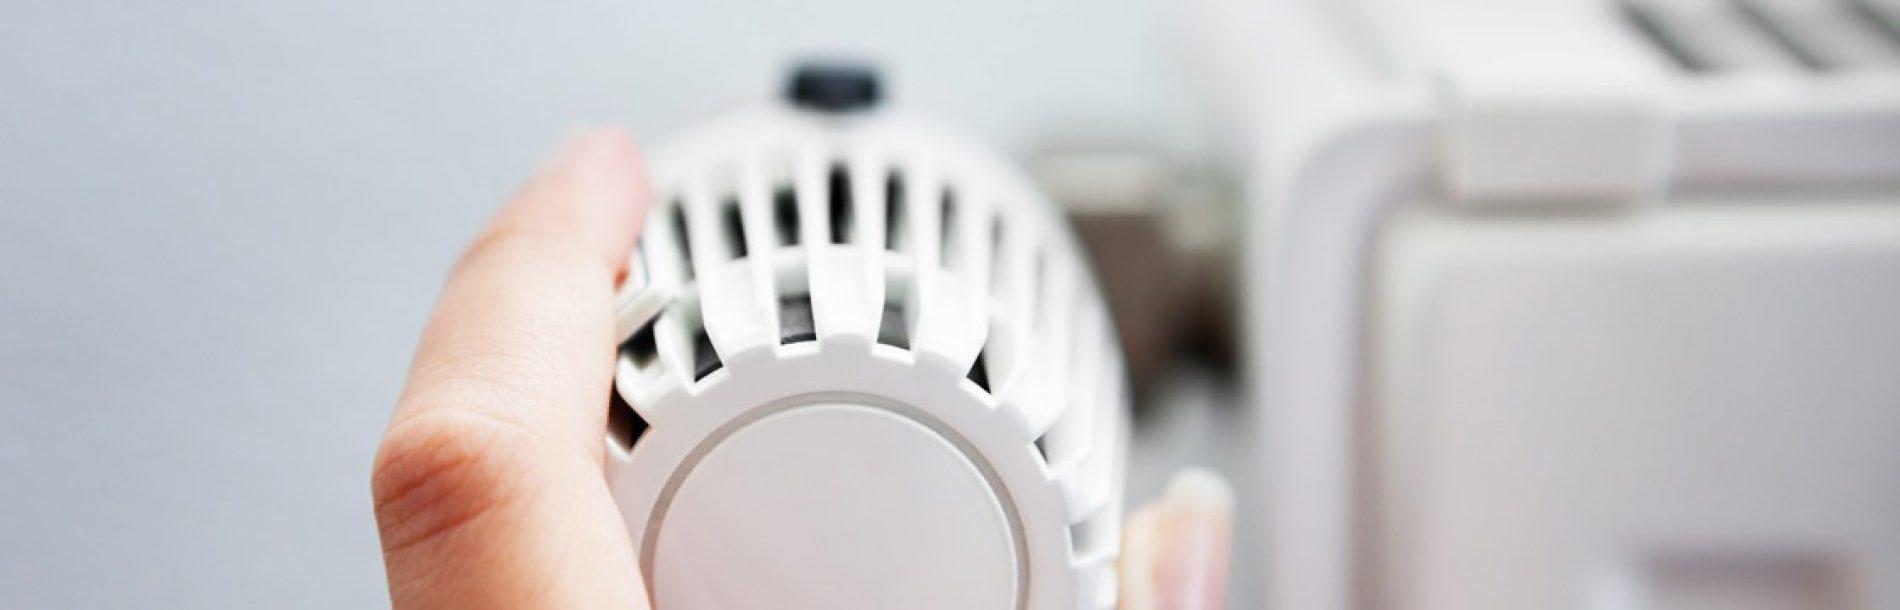 Nuovi obblighi per la contabilizzazione del calore